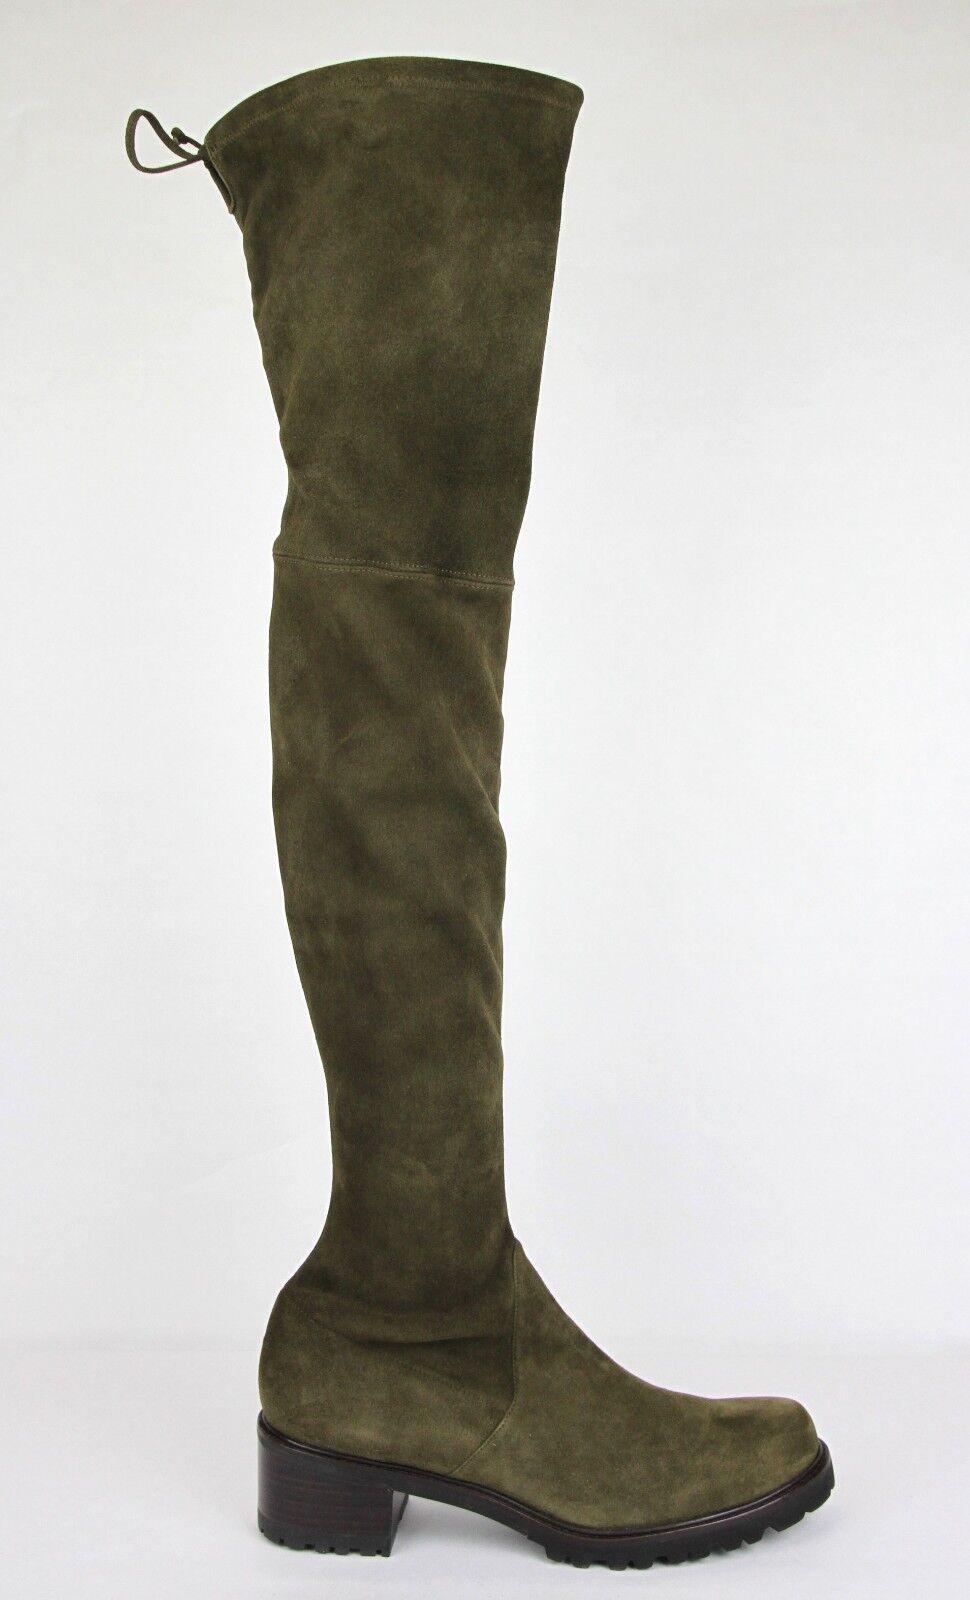 835 New Stuart Weitzman Olive Green Suede Vanland Over-The-Knee Boot 11M